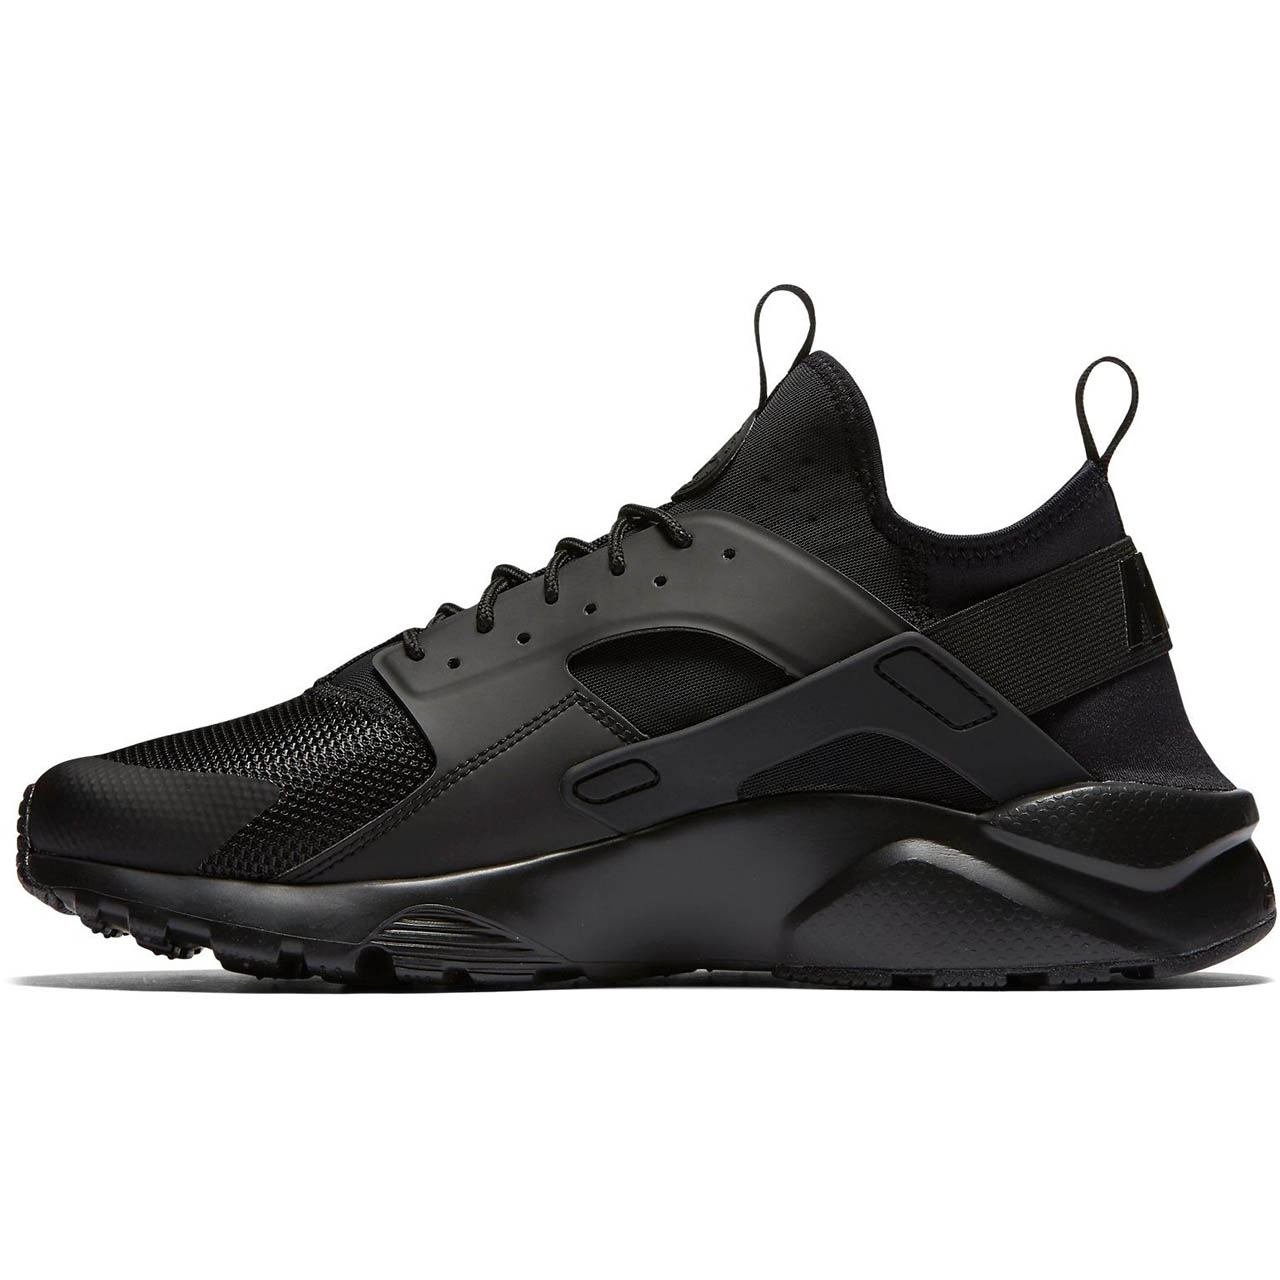 کفش مخصوص دویدن مردانه نایکی مدل Huarache کد 002-819685